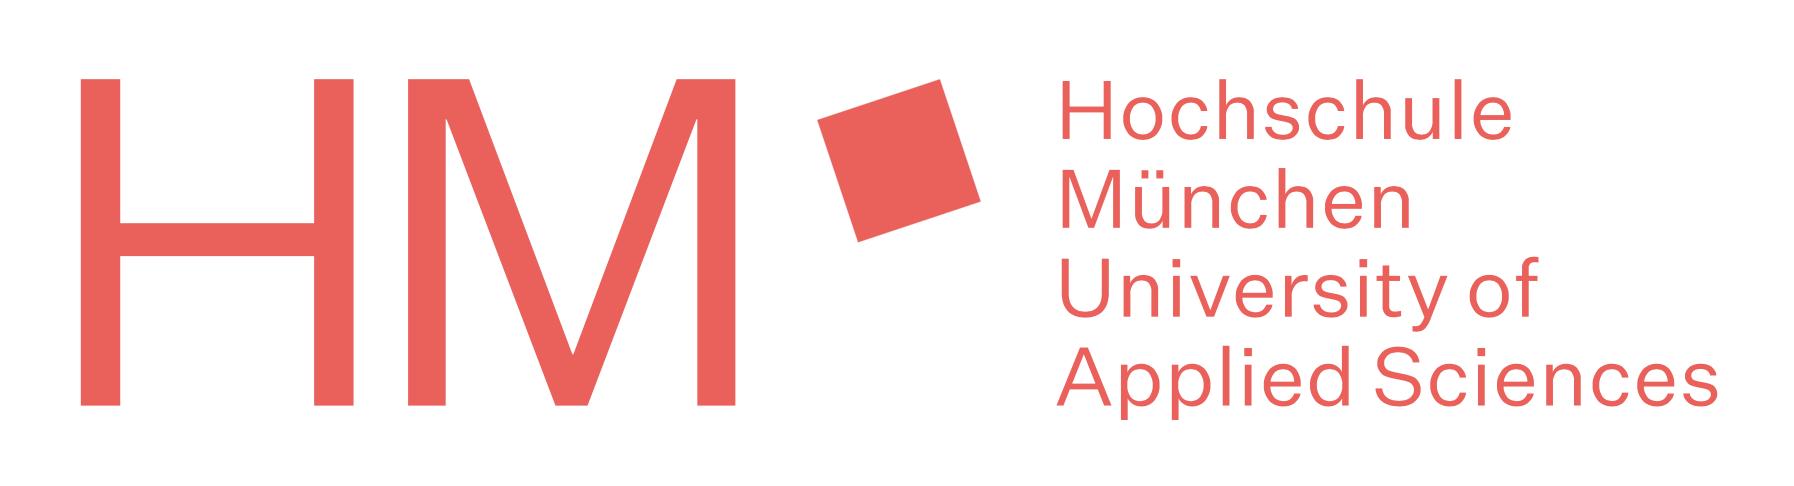 Logo_HochschuleMünchen